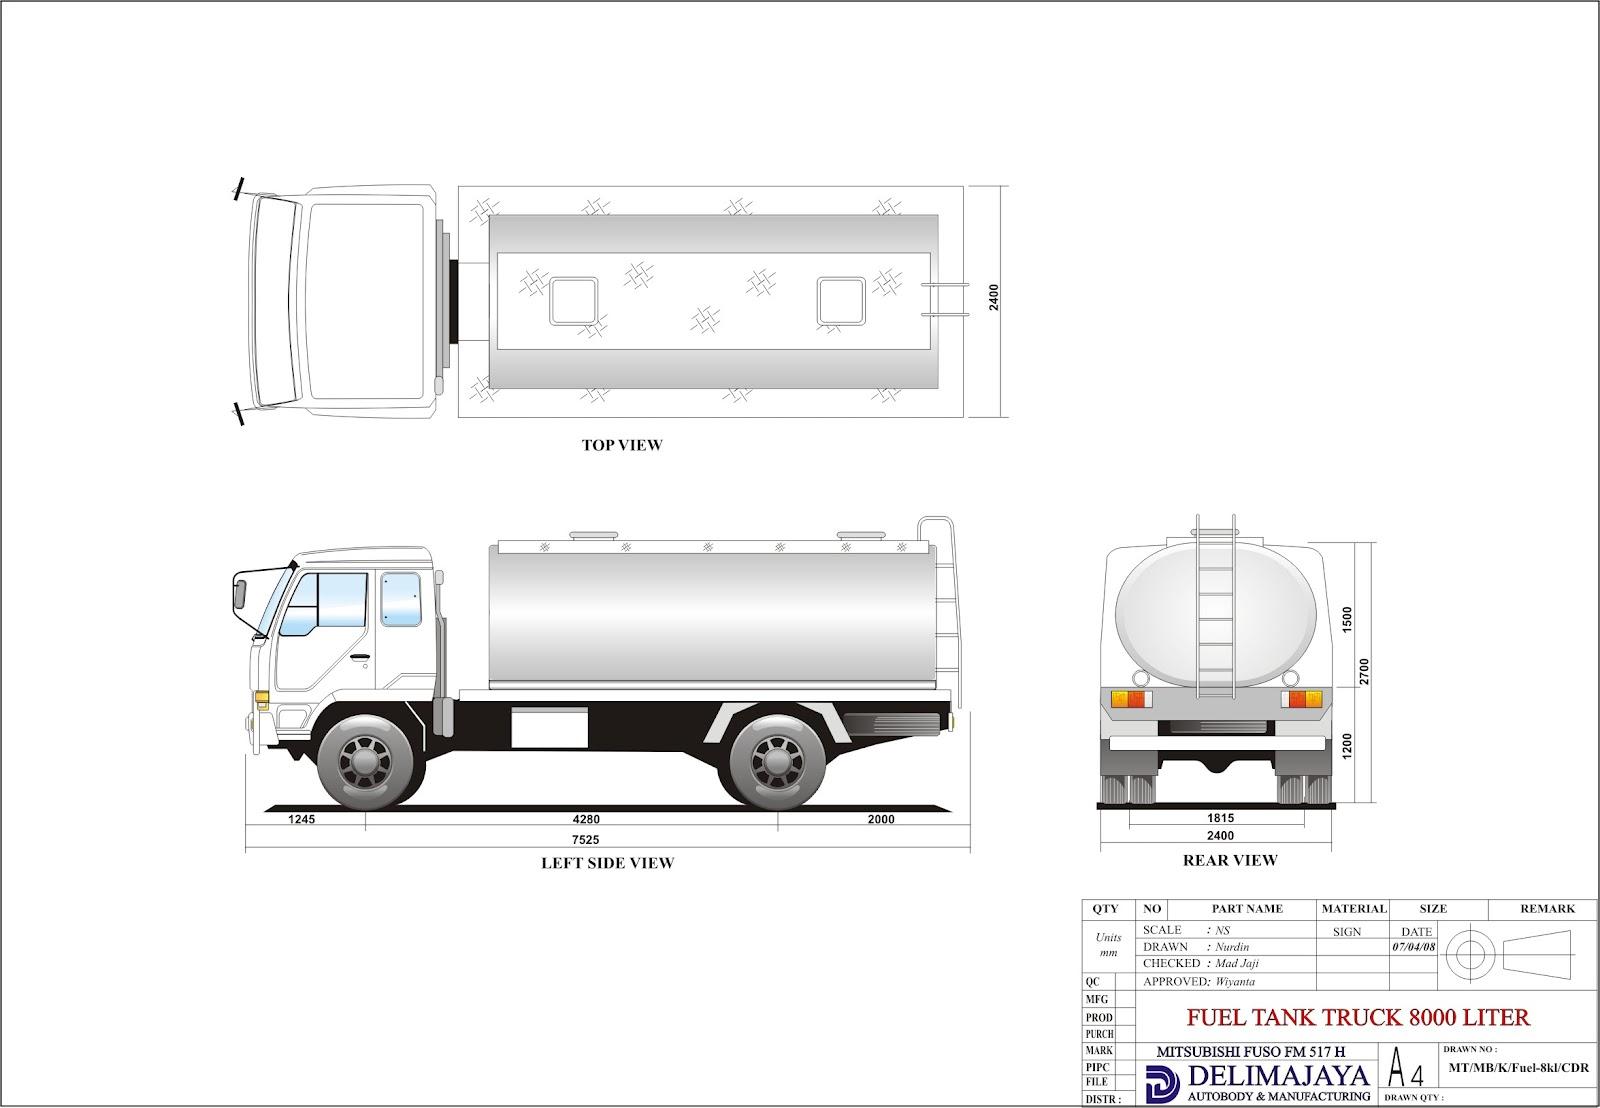 Mitsubishi 4x4 Amp Large Vehicle For Mining